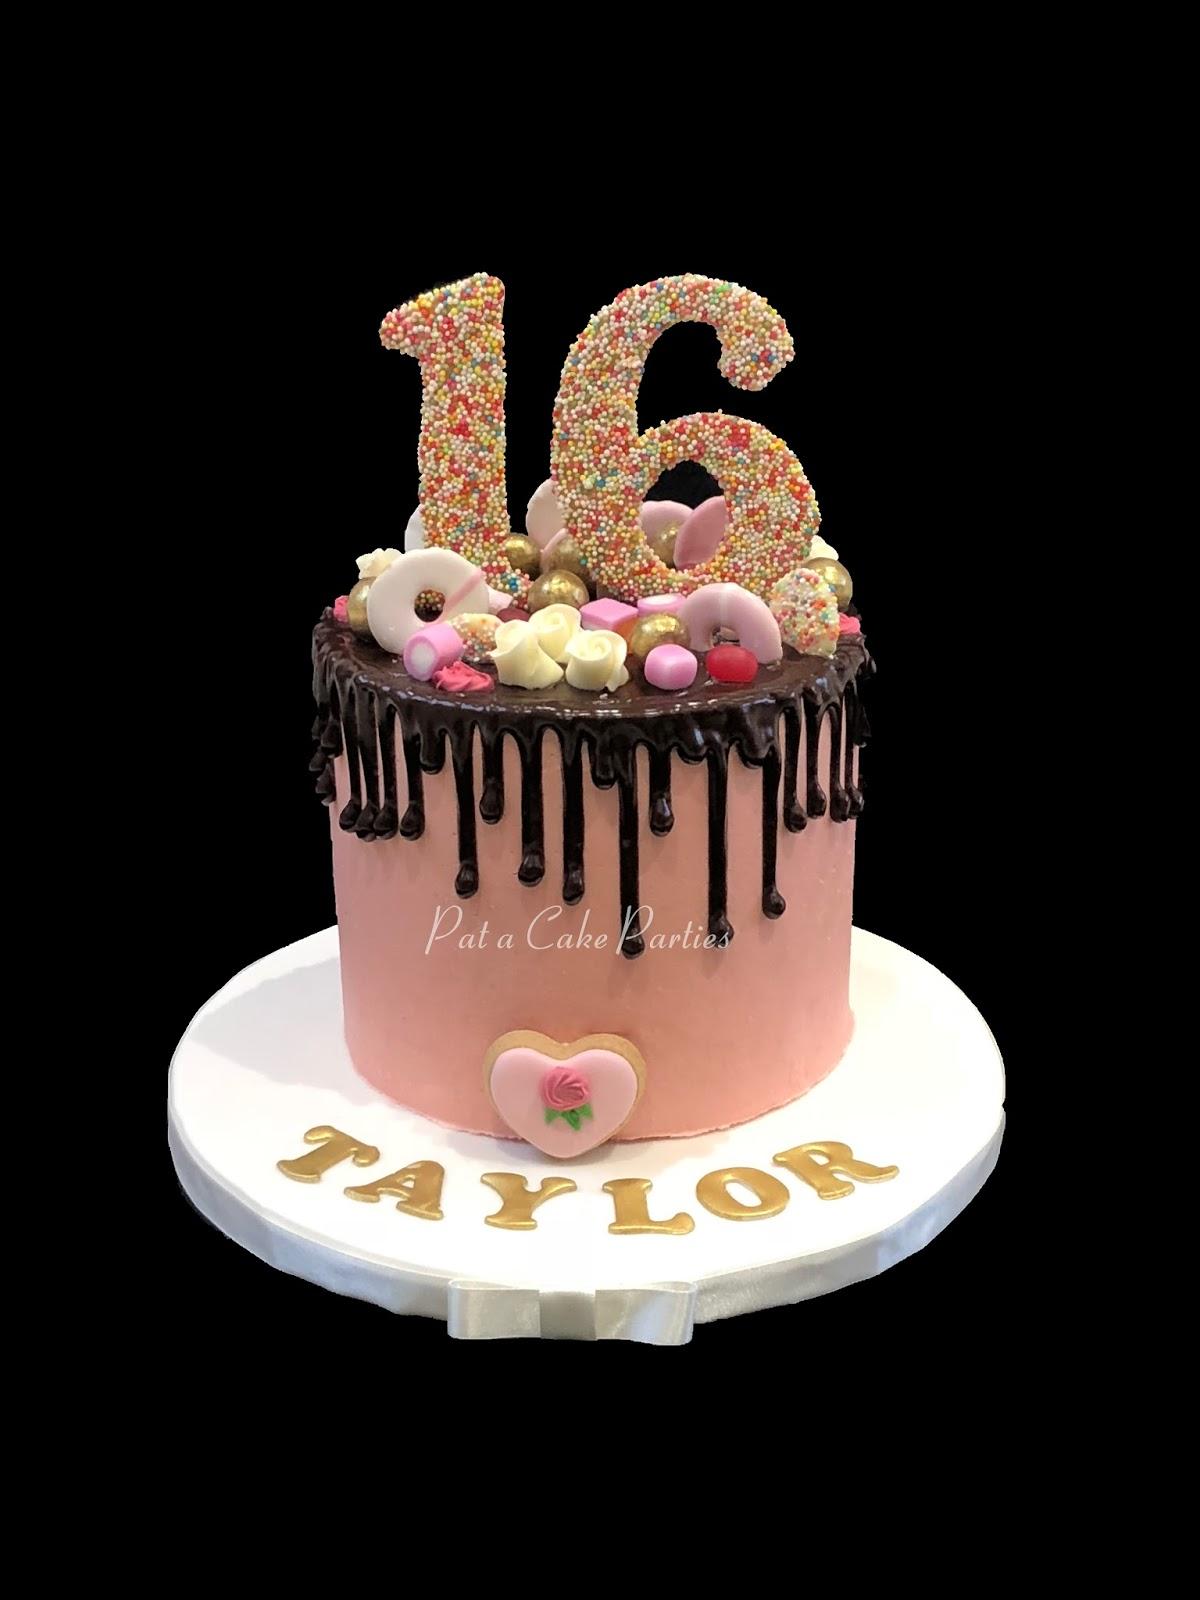 PataCake Parties 16th Birthday Drip Cake